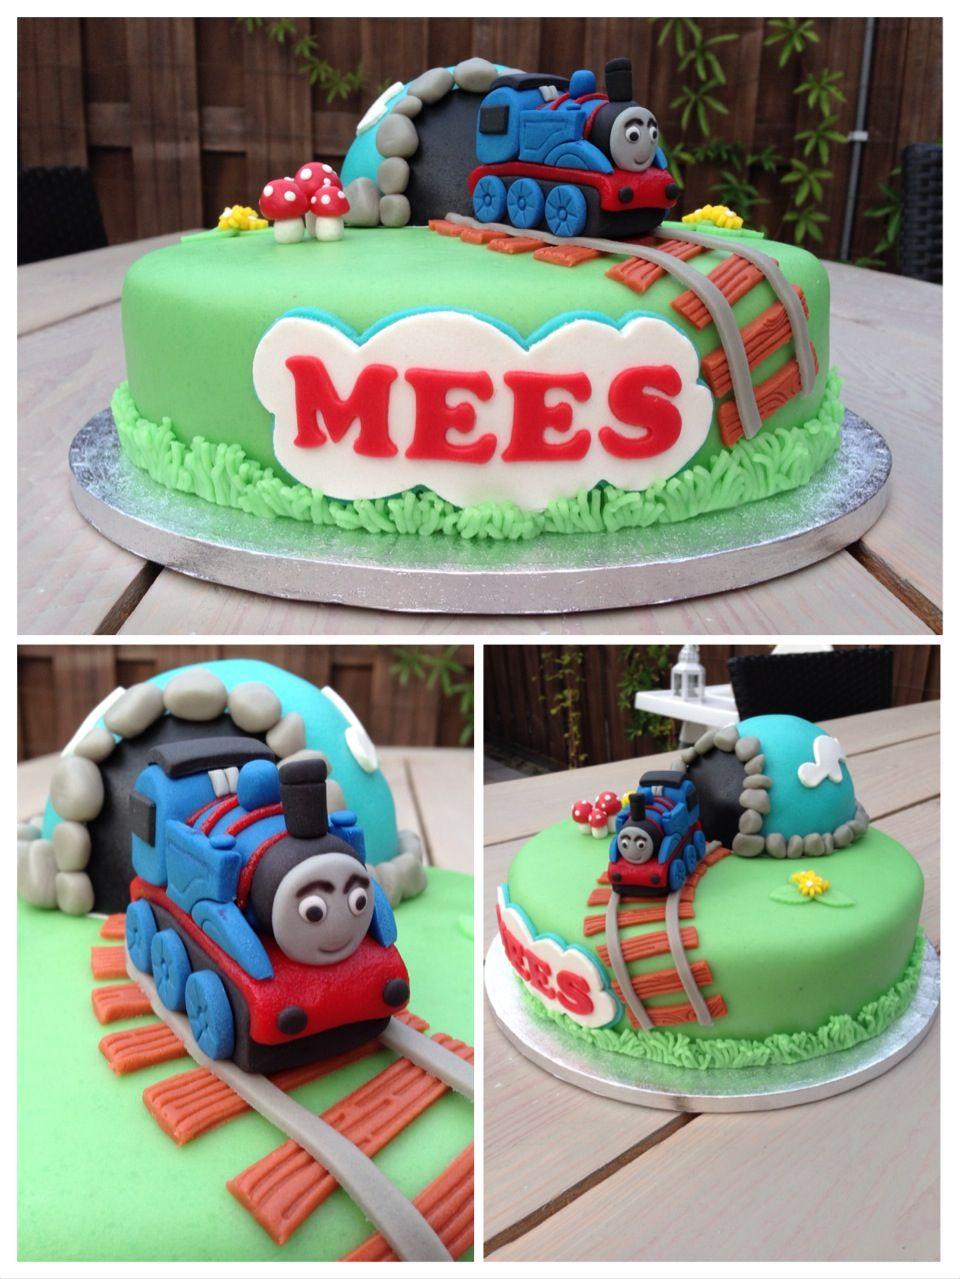 Iets Nieuws Thomas de trein taart / Thomas the train cake | Birthday | Trein #QE36